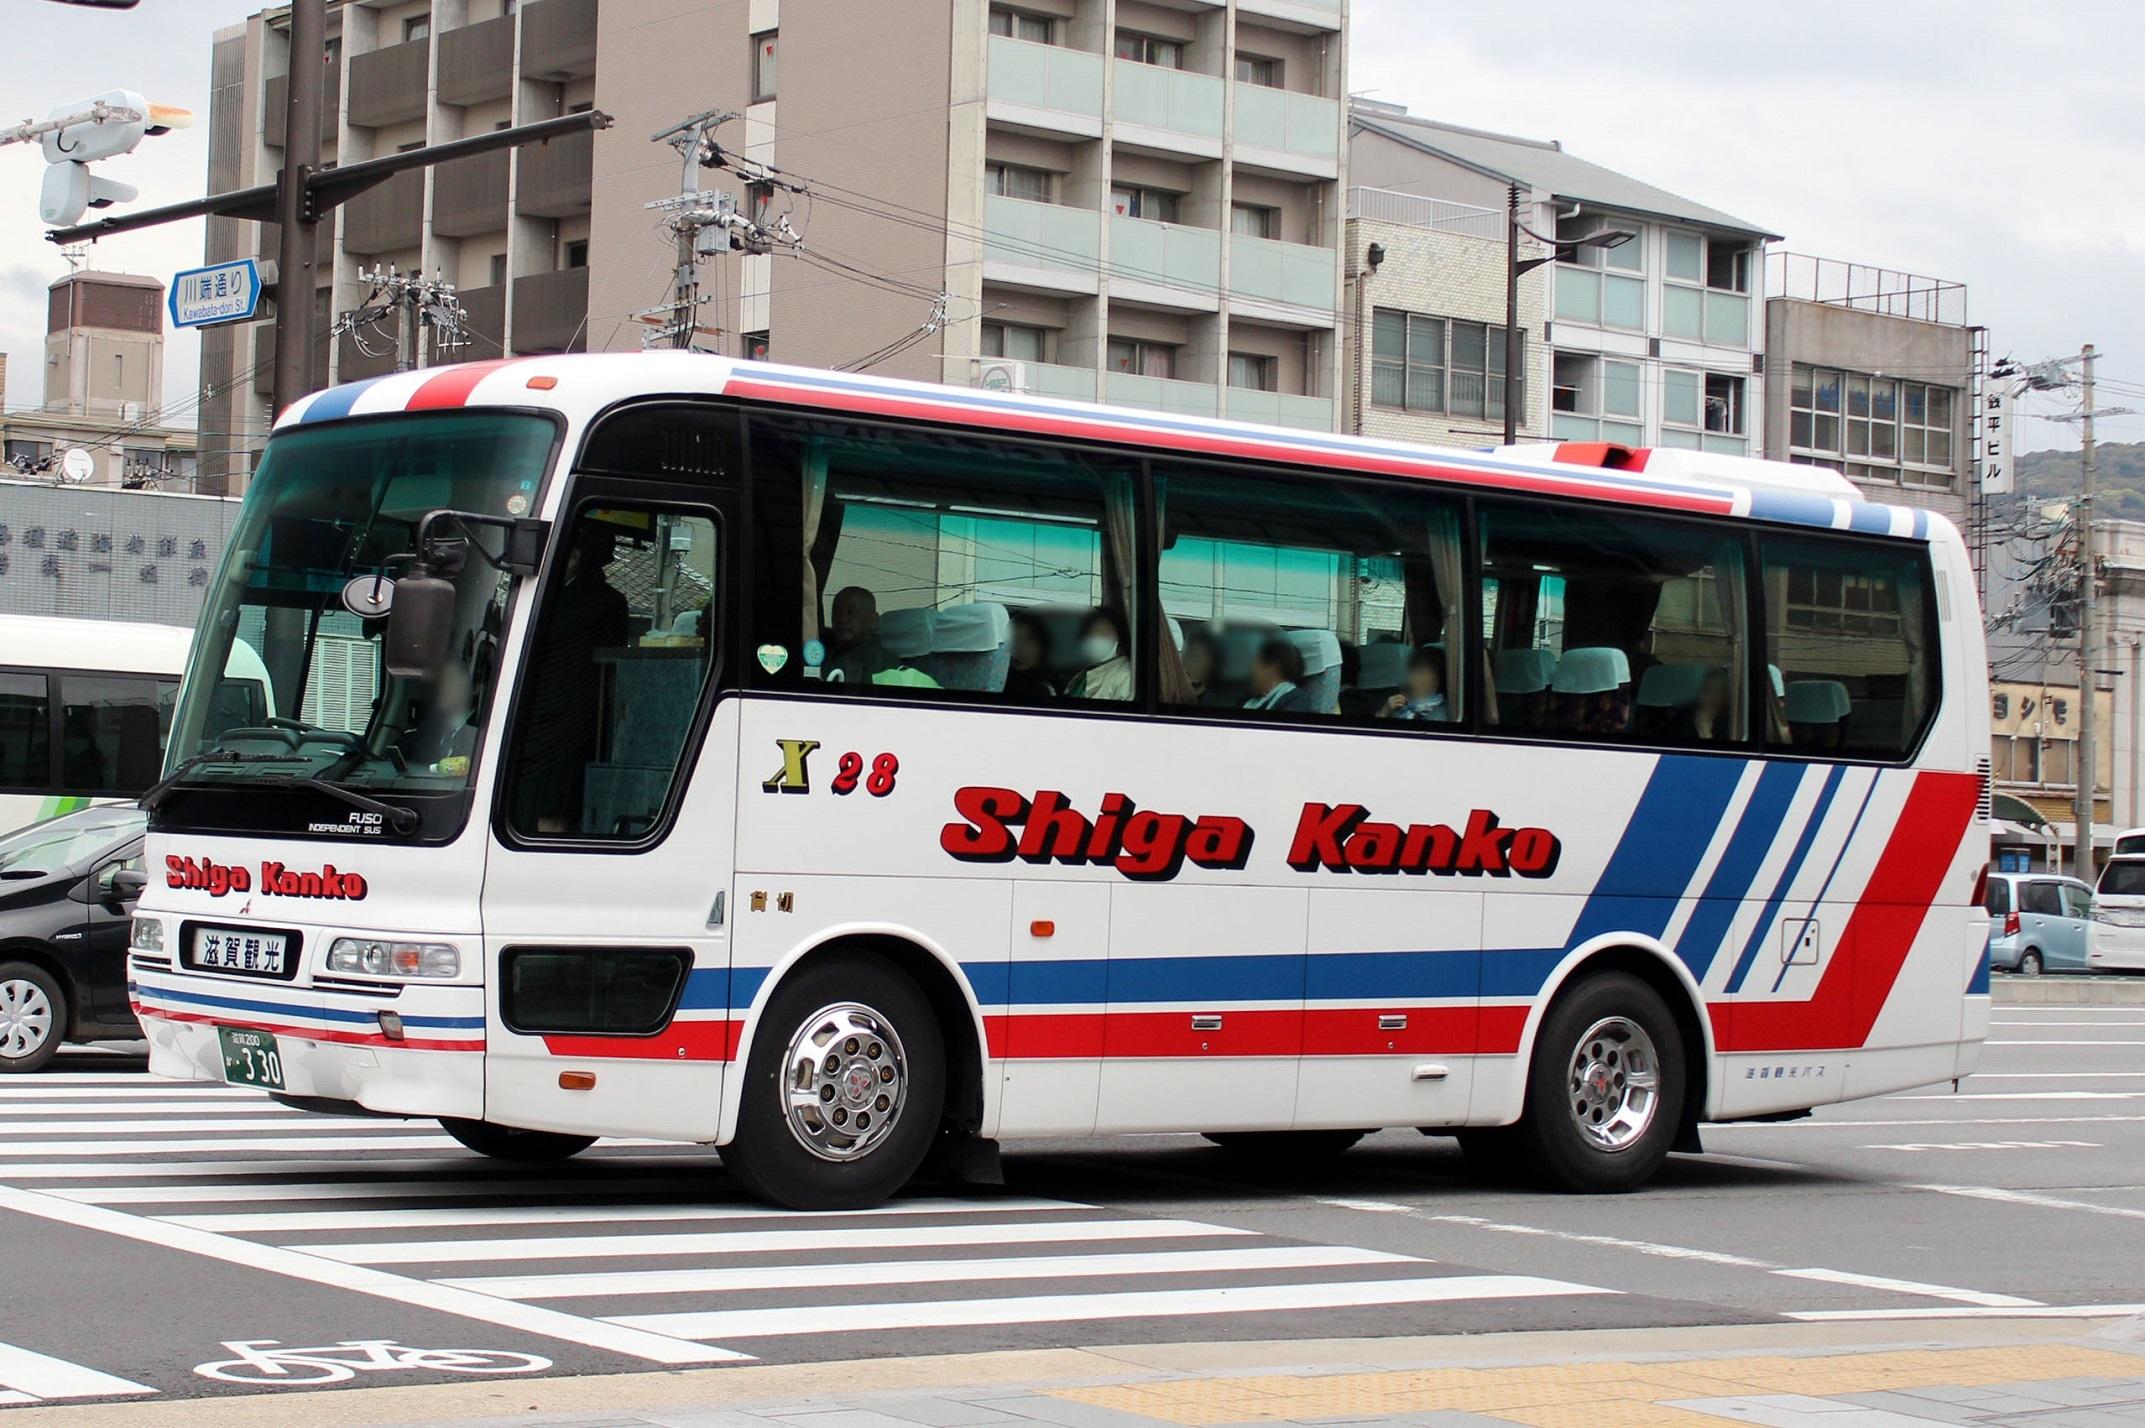 滋賀観光バス か330